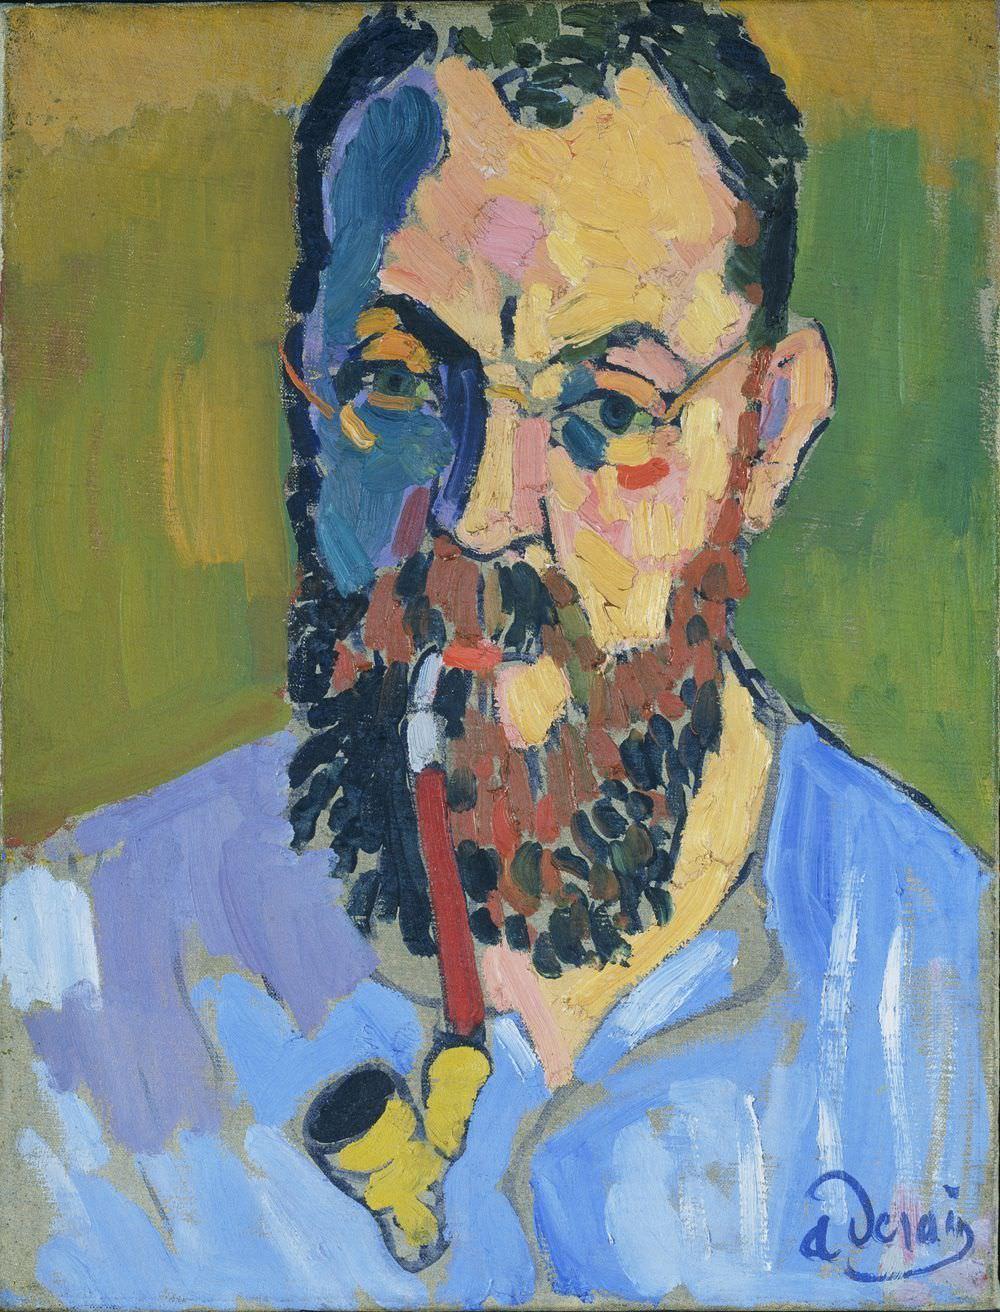 André Derain, Porträt des Henri Matisse, 1905, Tate Purchased 1958 - zu sehen in: Matisse und die Fauves- Albertina (20.09.2013 – 12.01.2014) - zu sehen in: Matisse und die Fauves- Albertina (20.09.2013 – 12.01.2014)